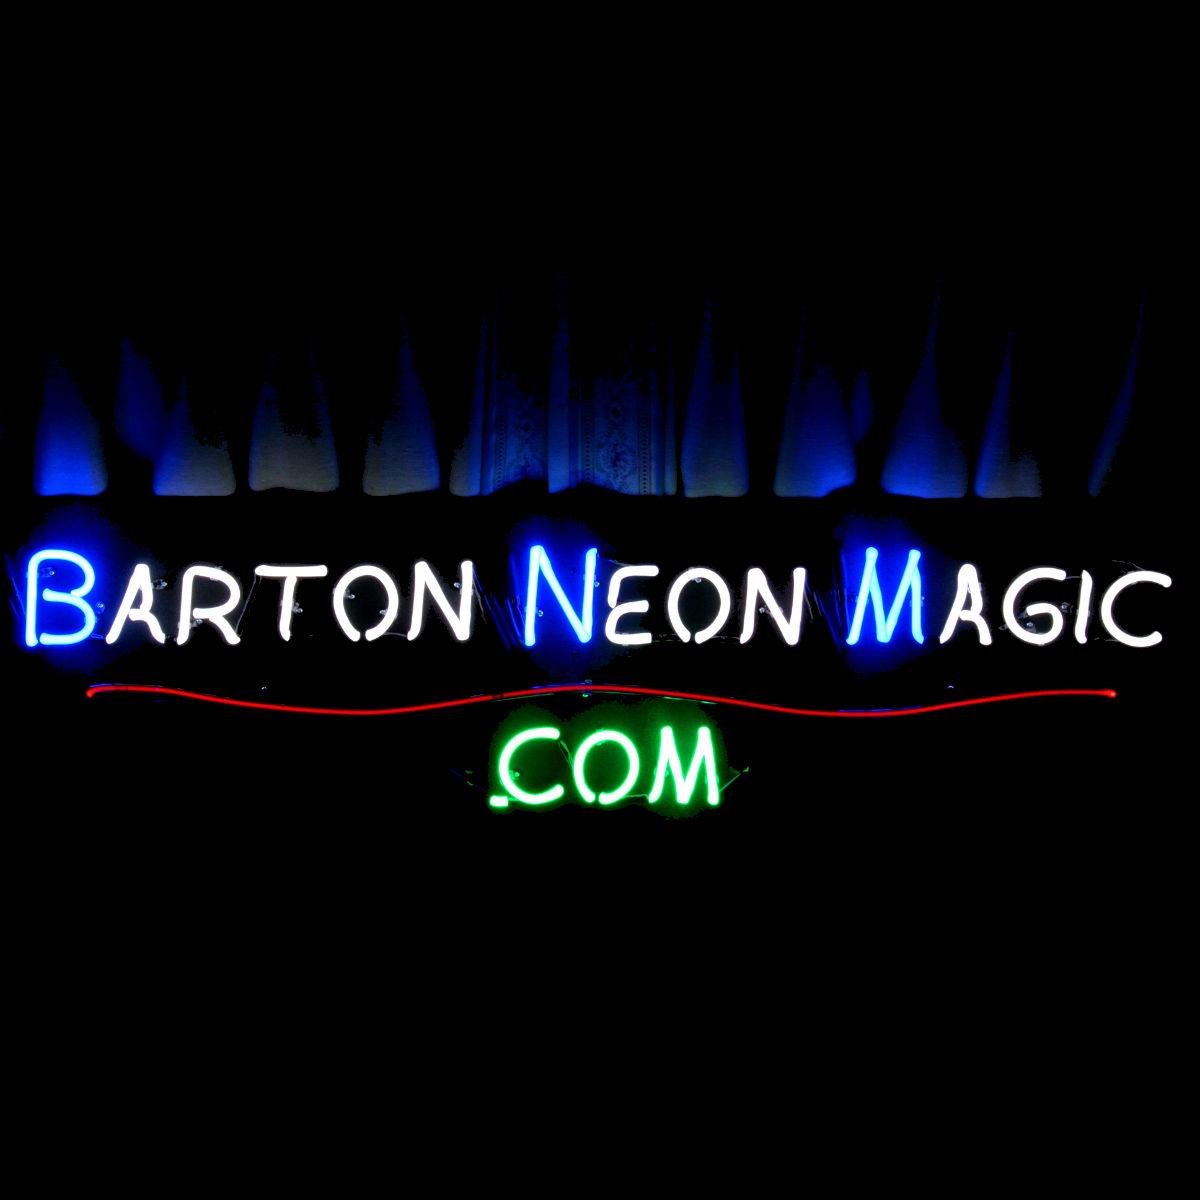 Custom Hand-blown Neon Light Sculptures by John Barton - BartonNeonMagic.com